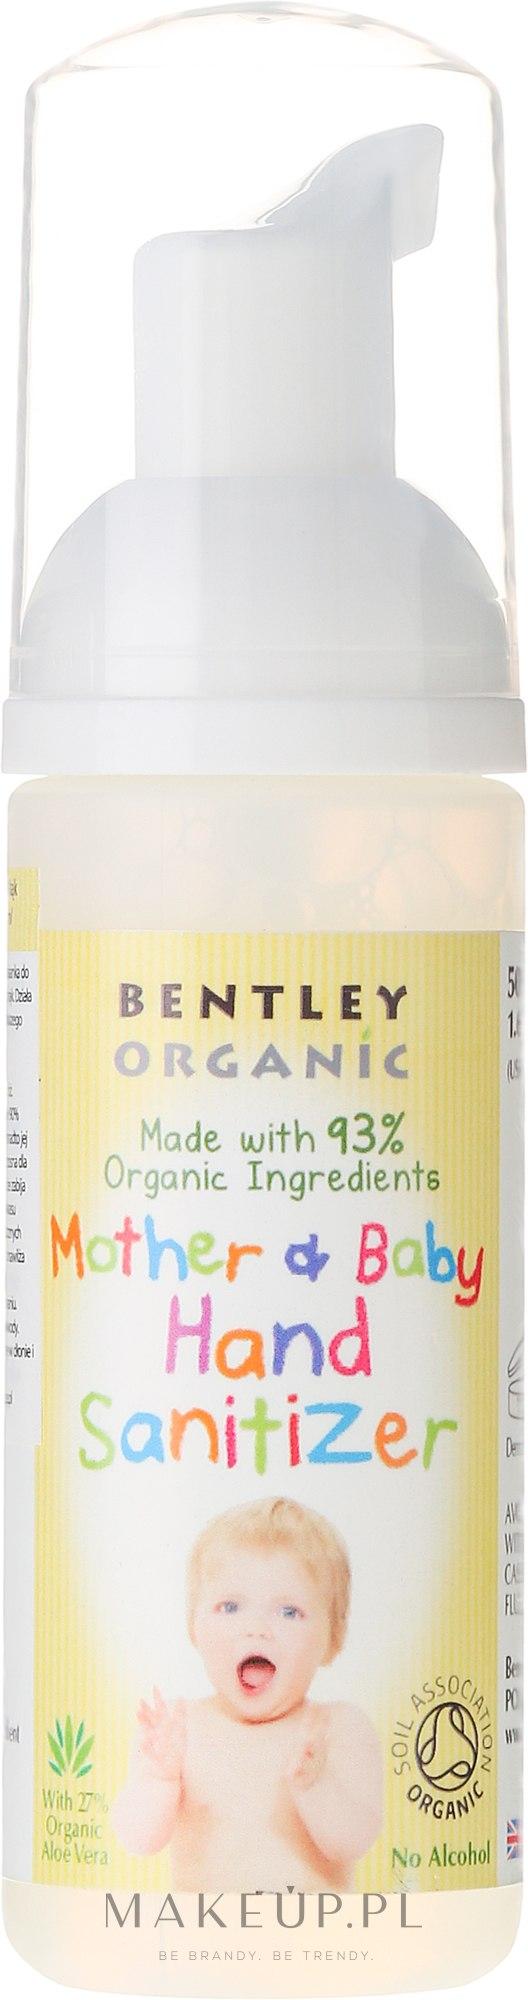 Antybakteryjna pianka do dezynfekcji rąk dla mamy i dziecka - Bentley Organic Mother & Baby Hand Sanitizer — фото 50 ml